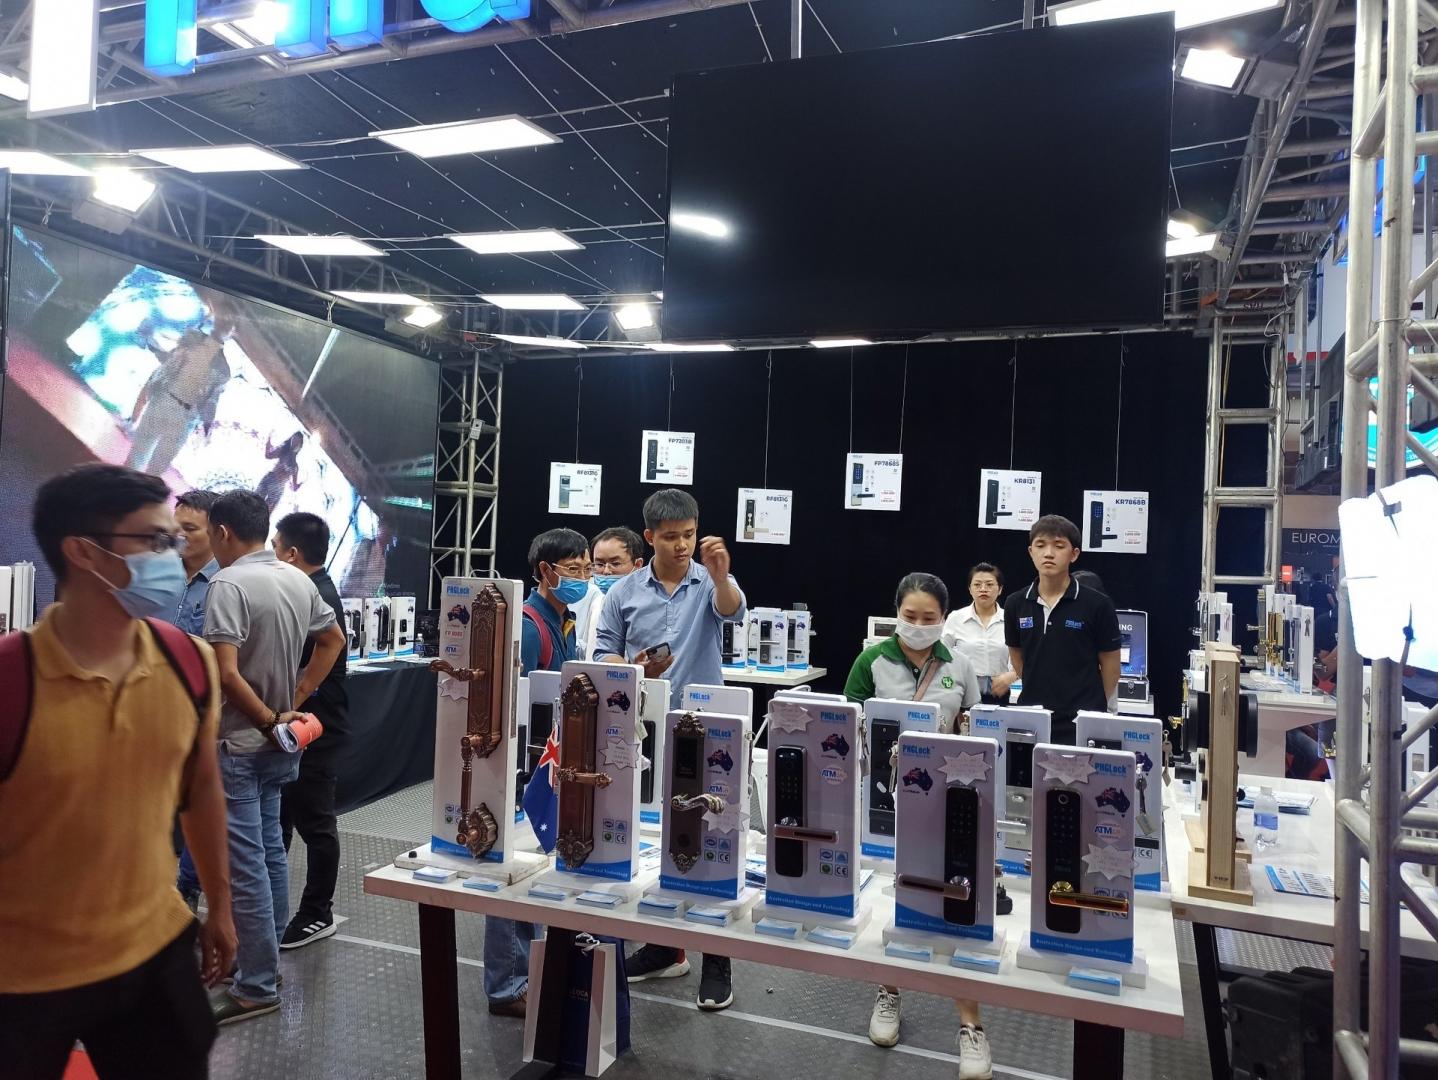 Triển lãm Vietbuild năm 2021 tổ chức vào cổng tự do tại Nhà thi đấu Phú Thọ - TPHCM